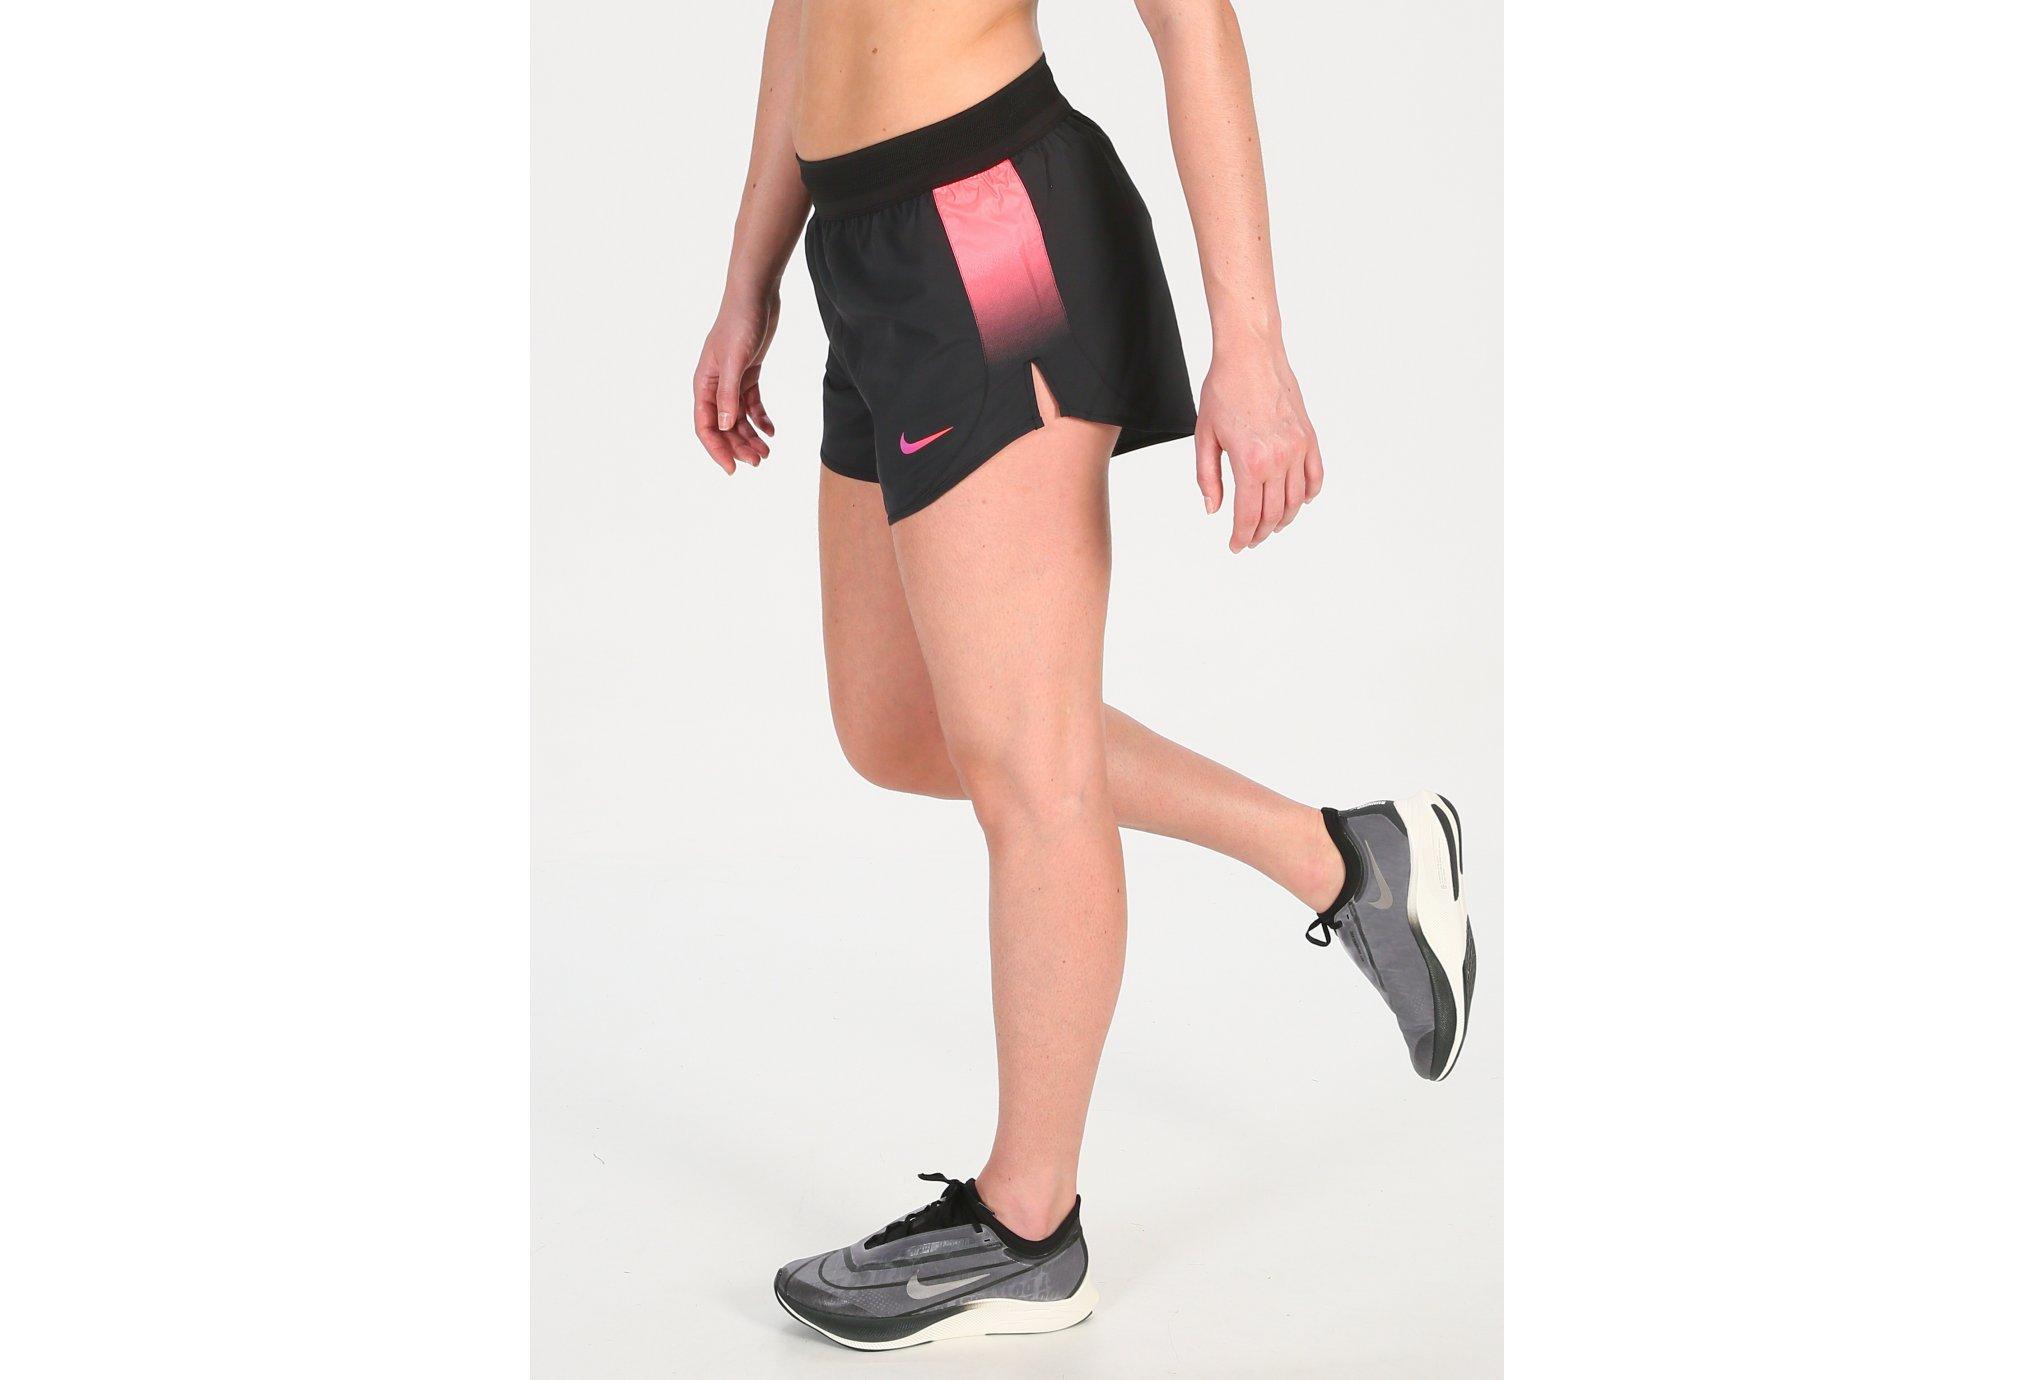 Nike Runway 2 en 1 W vêtement running femme